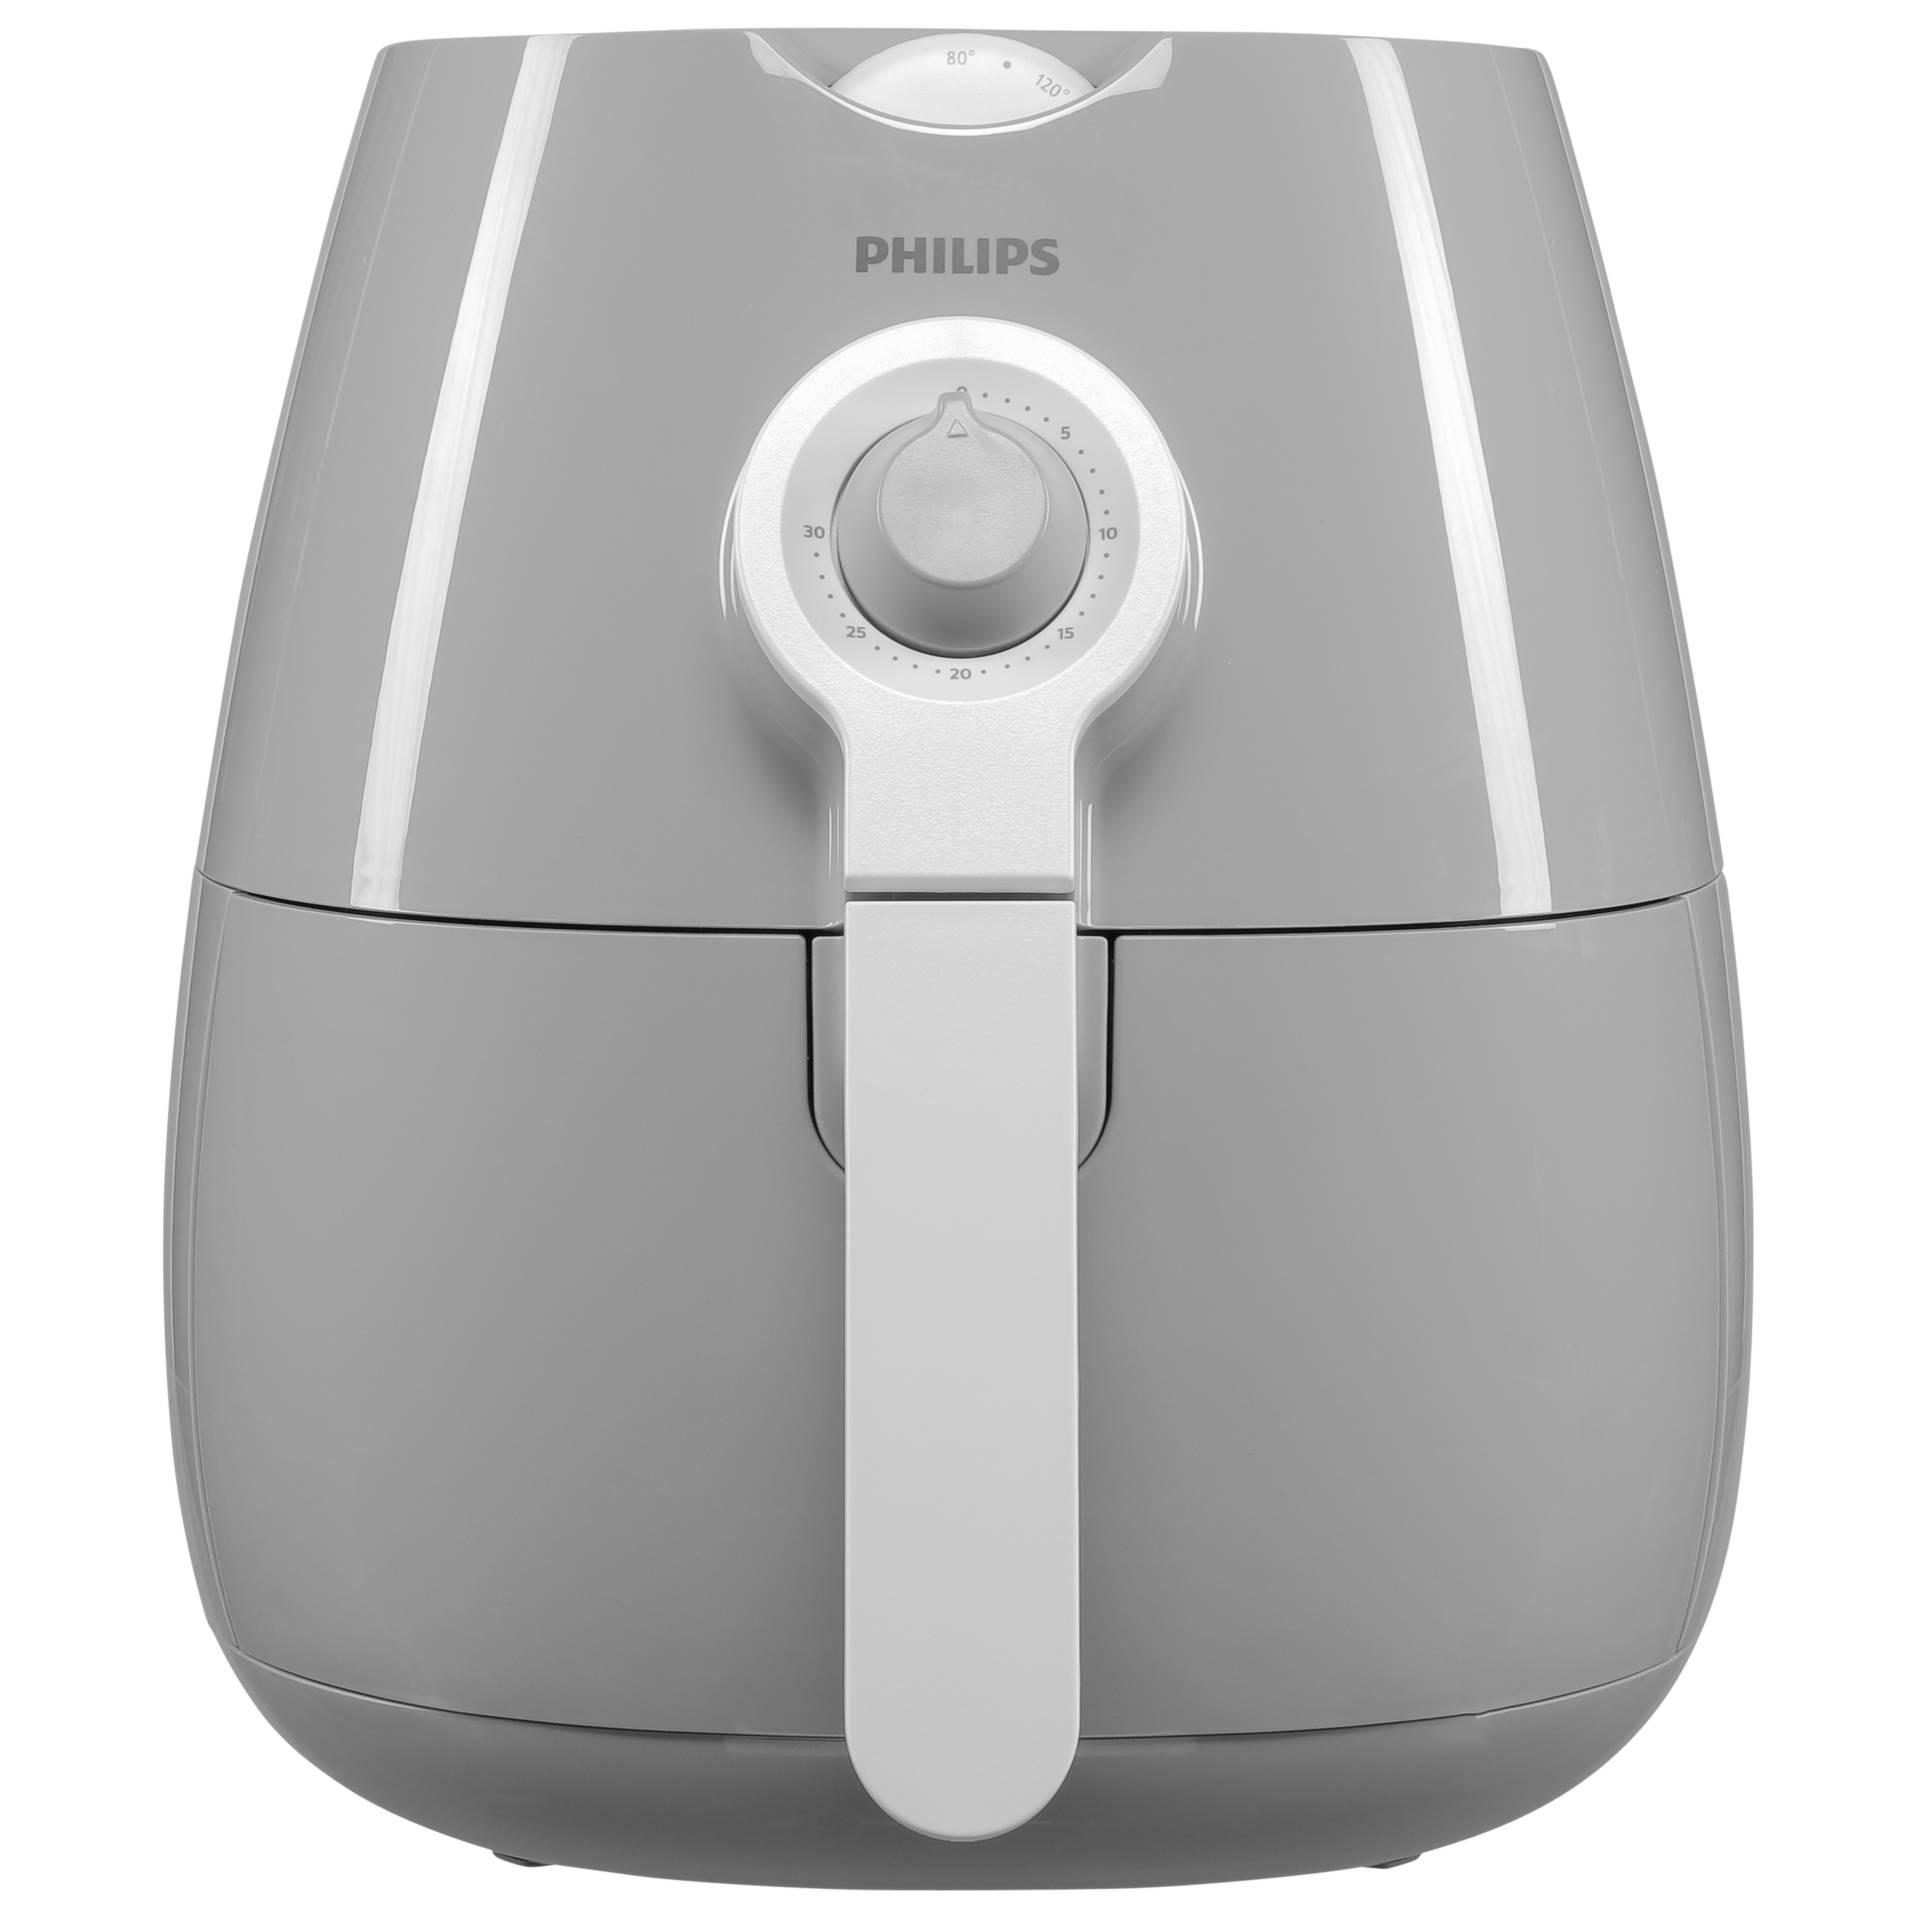 Philips HD 9218/25 Airfryer